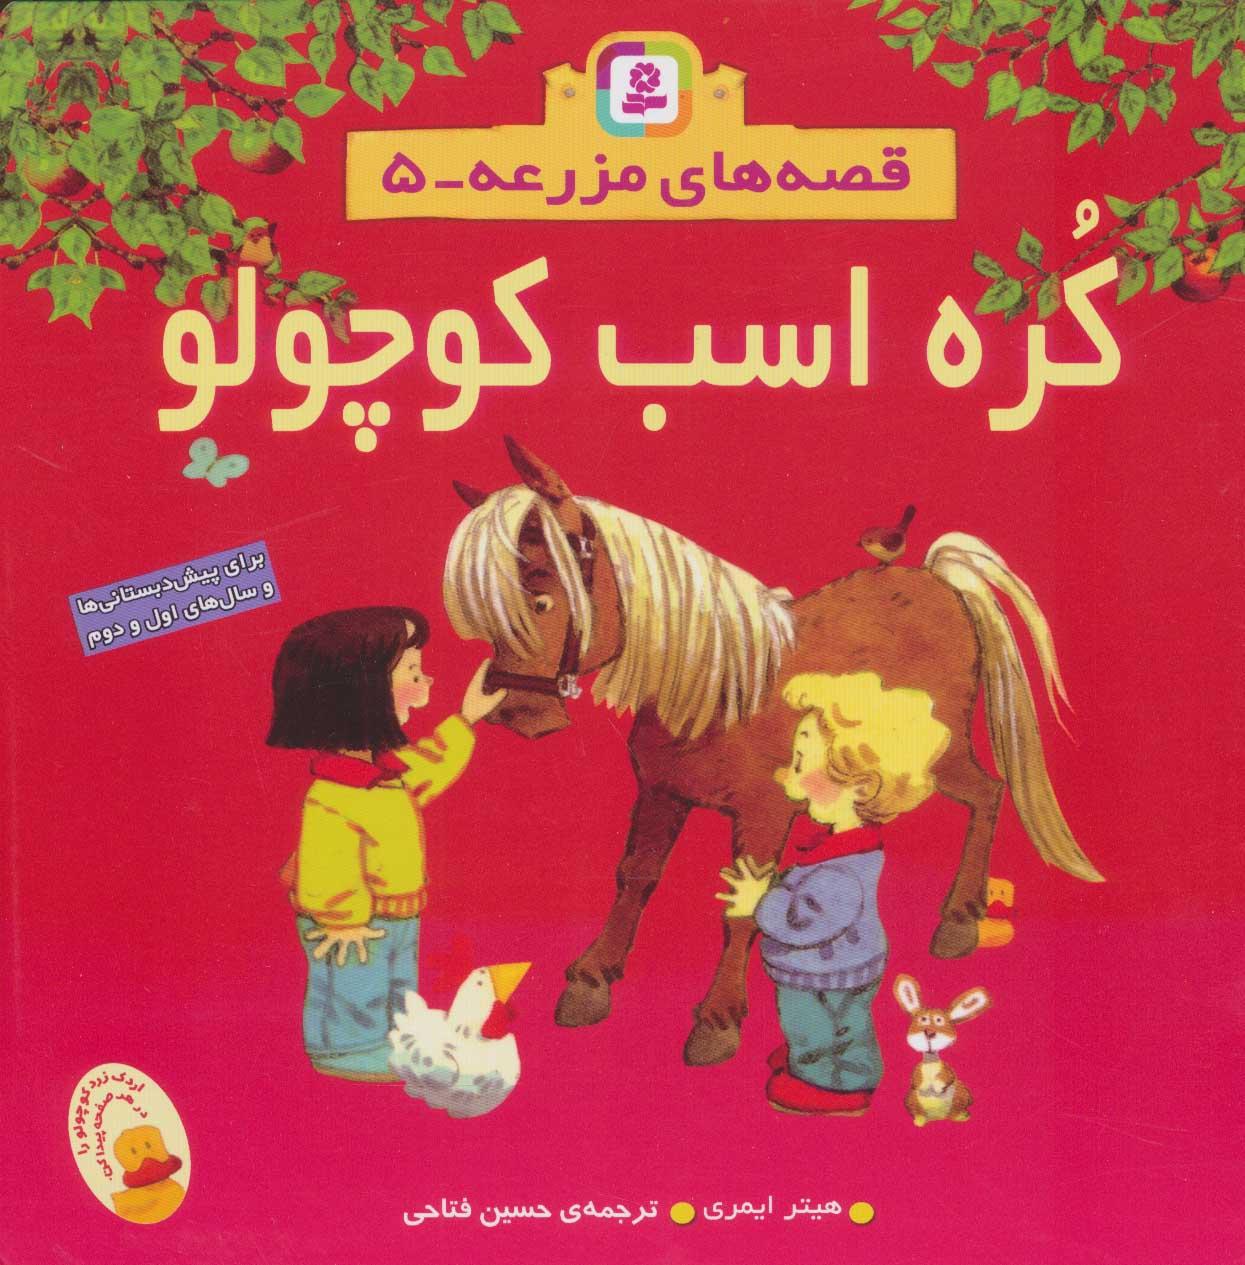 قصه های مزرعه 5 (کره اسب کوچولو)،(گلاسه)